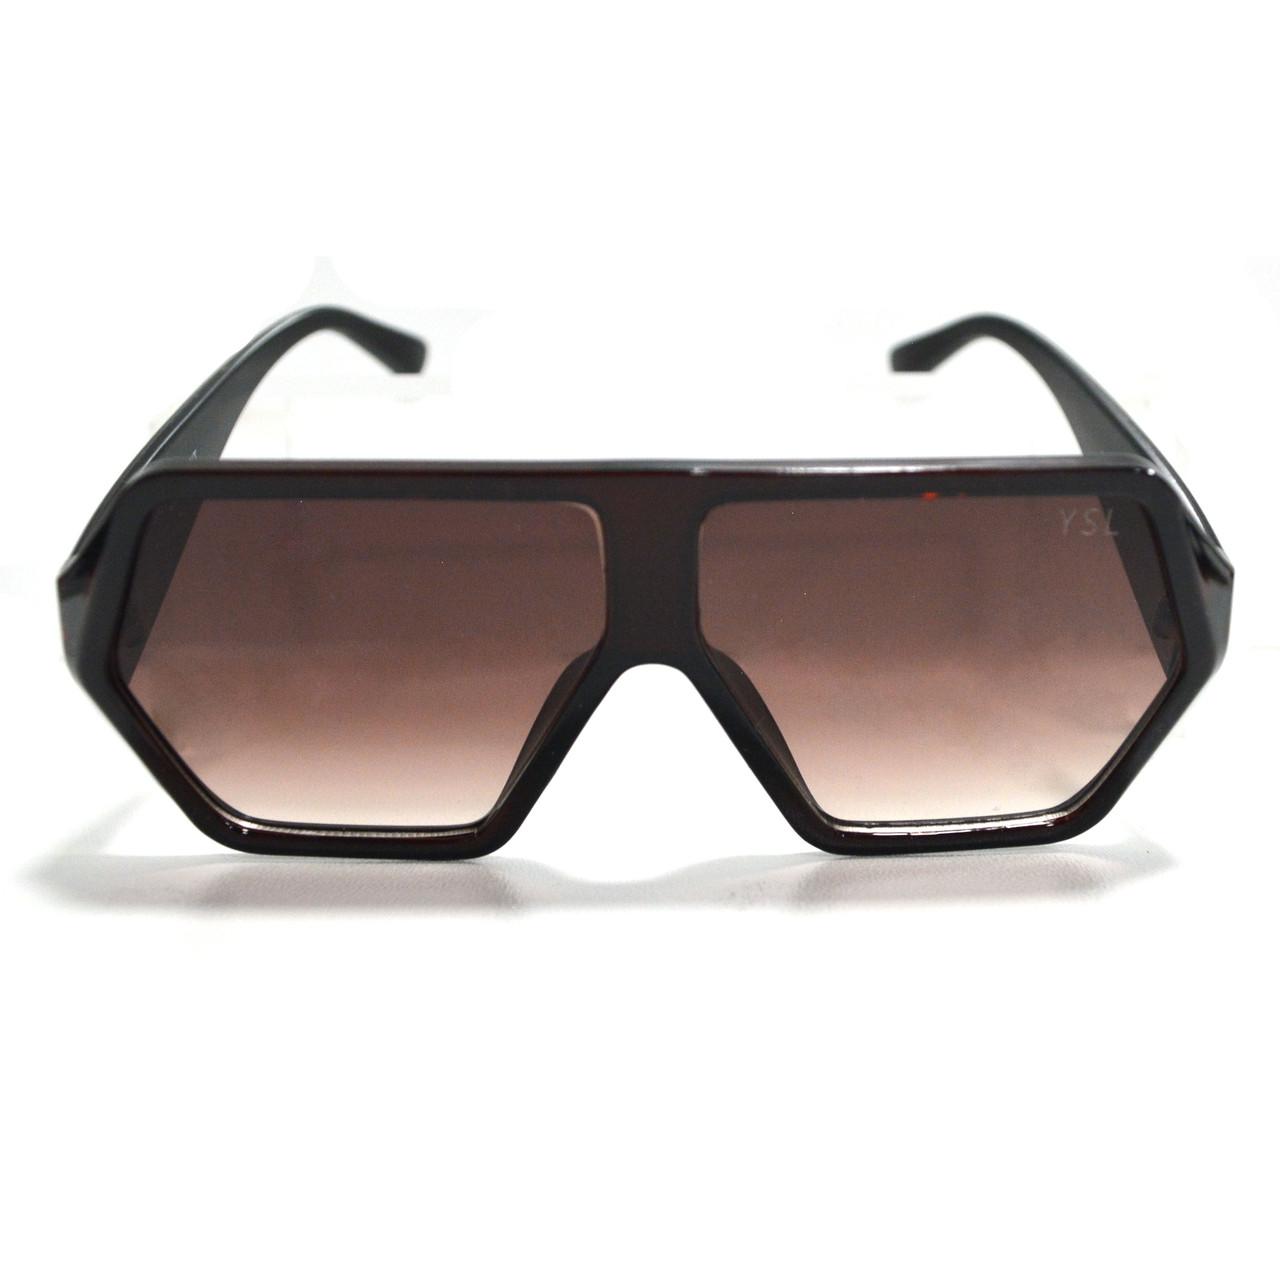 Солнцезащитные очки с коричневыми стеклами с широкой коричневой дужкой YSL 3010 - фото 9